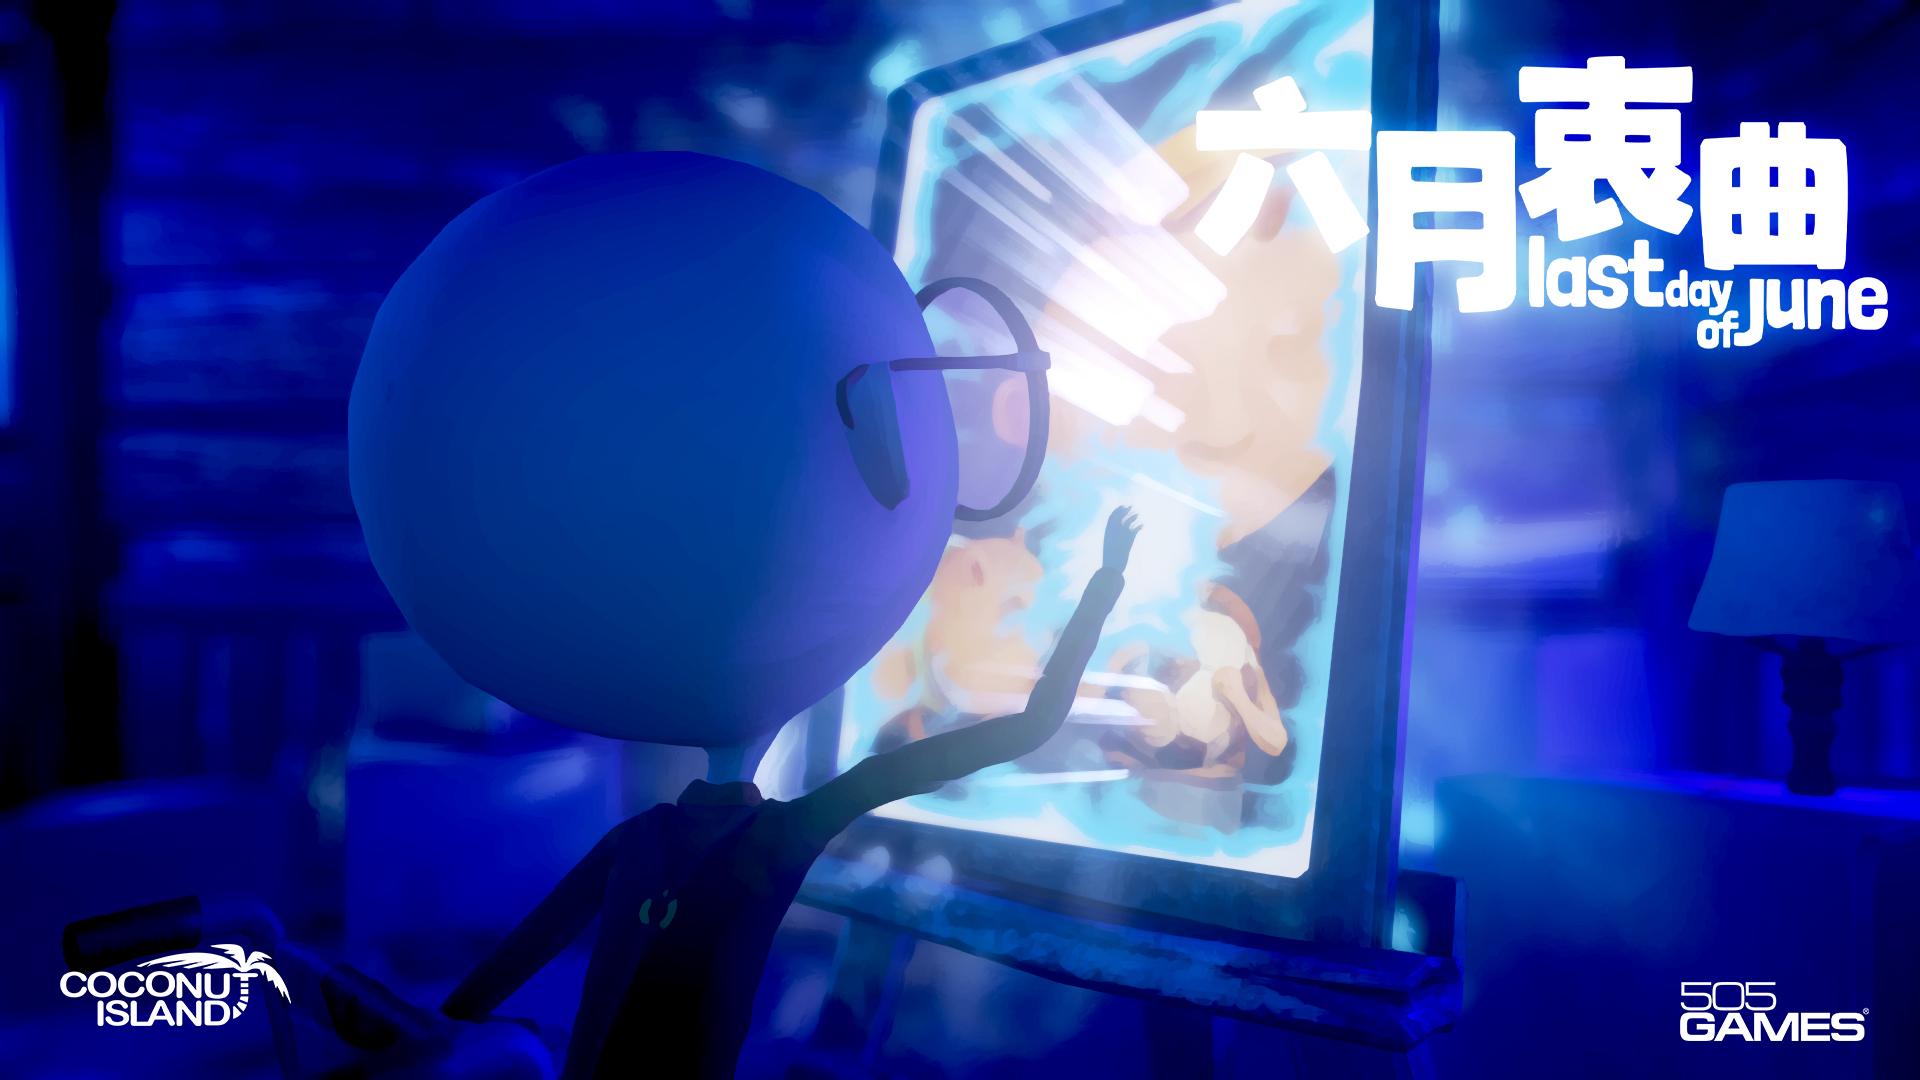 催泪佳作《六月衷曲》正式登陆WeGame,首周折扣进行时